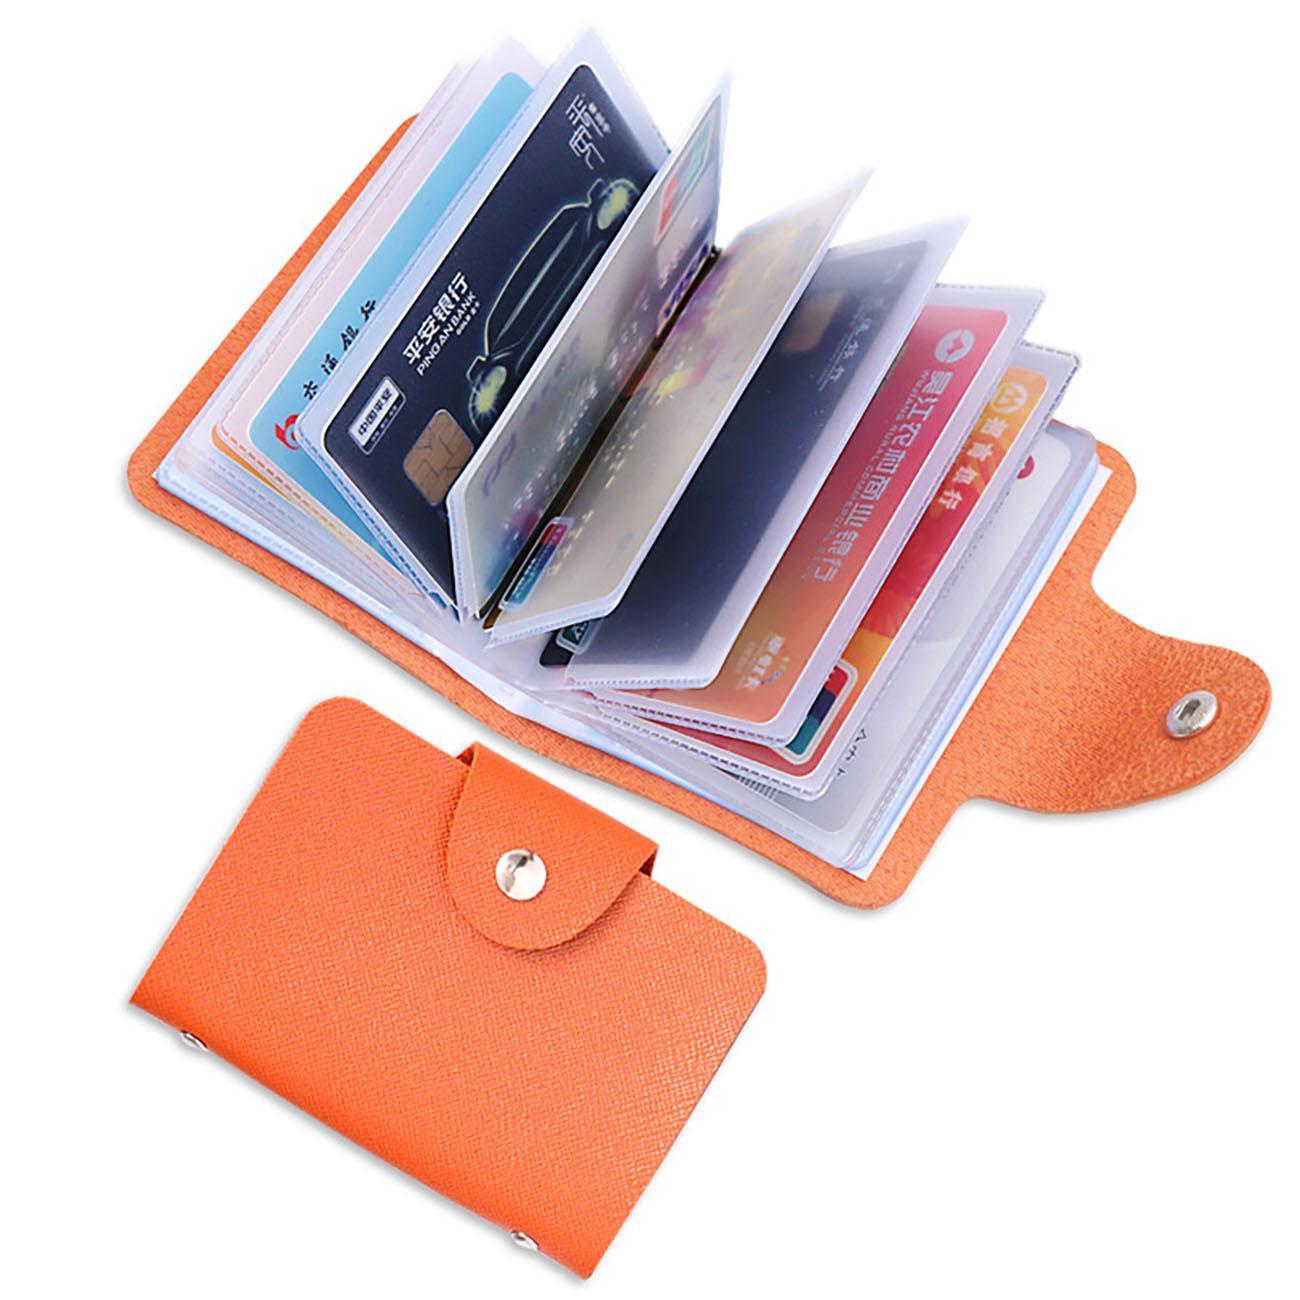 24 Slots Sacs de rangement multi-cartes Sacs de stockage à double face Antimagnetic Titulaire de la carte d'entreprise Assurances d'entreprise Publicité cadeau Porte-cartes de crédit